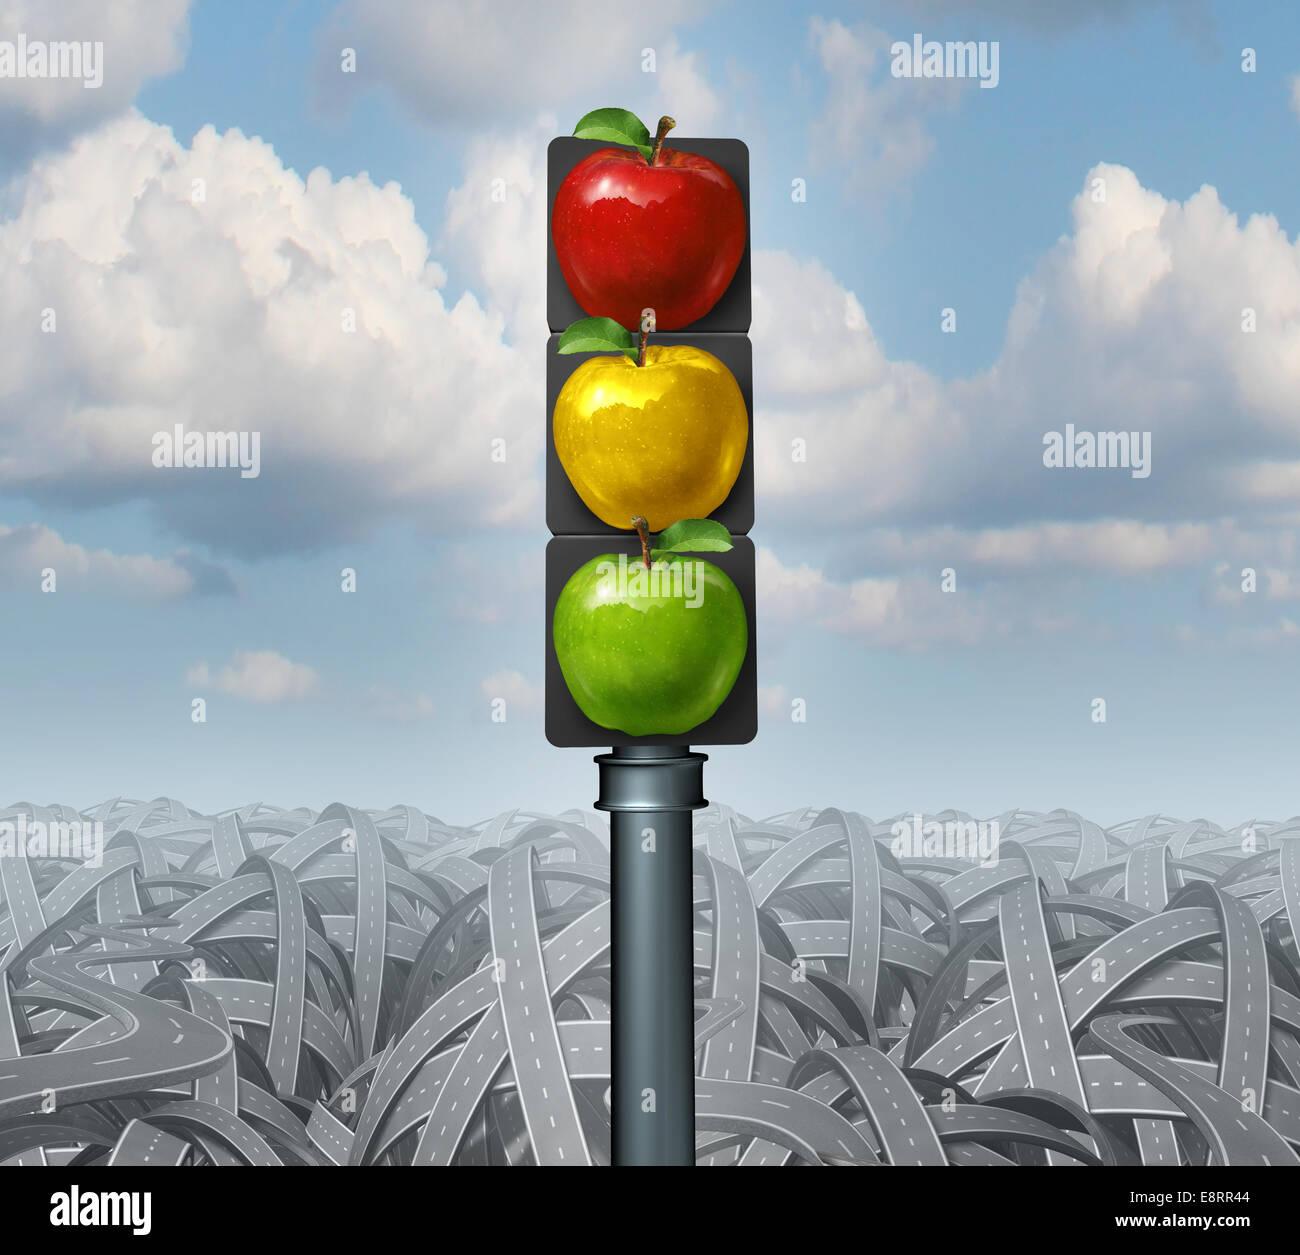 Consejos de estilo de vida sano y comer sano concepto como los semáforos en verde amarillo y manzanas rojas Imagen De Stock